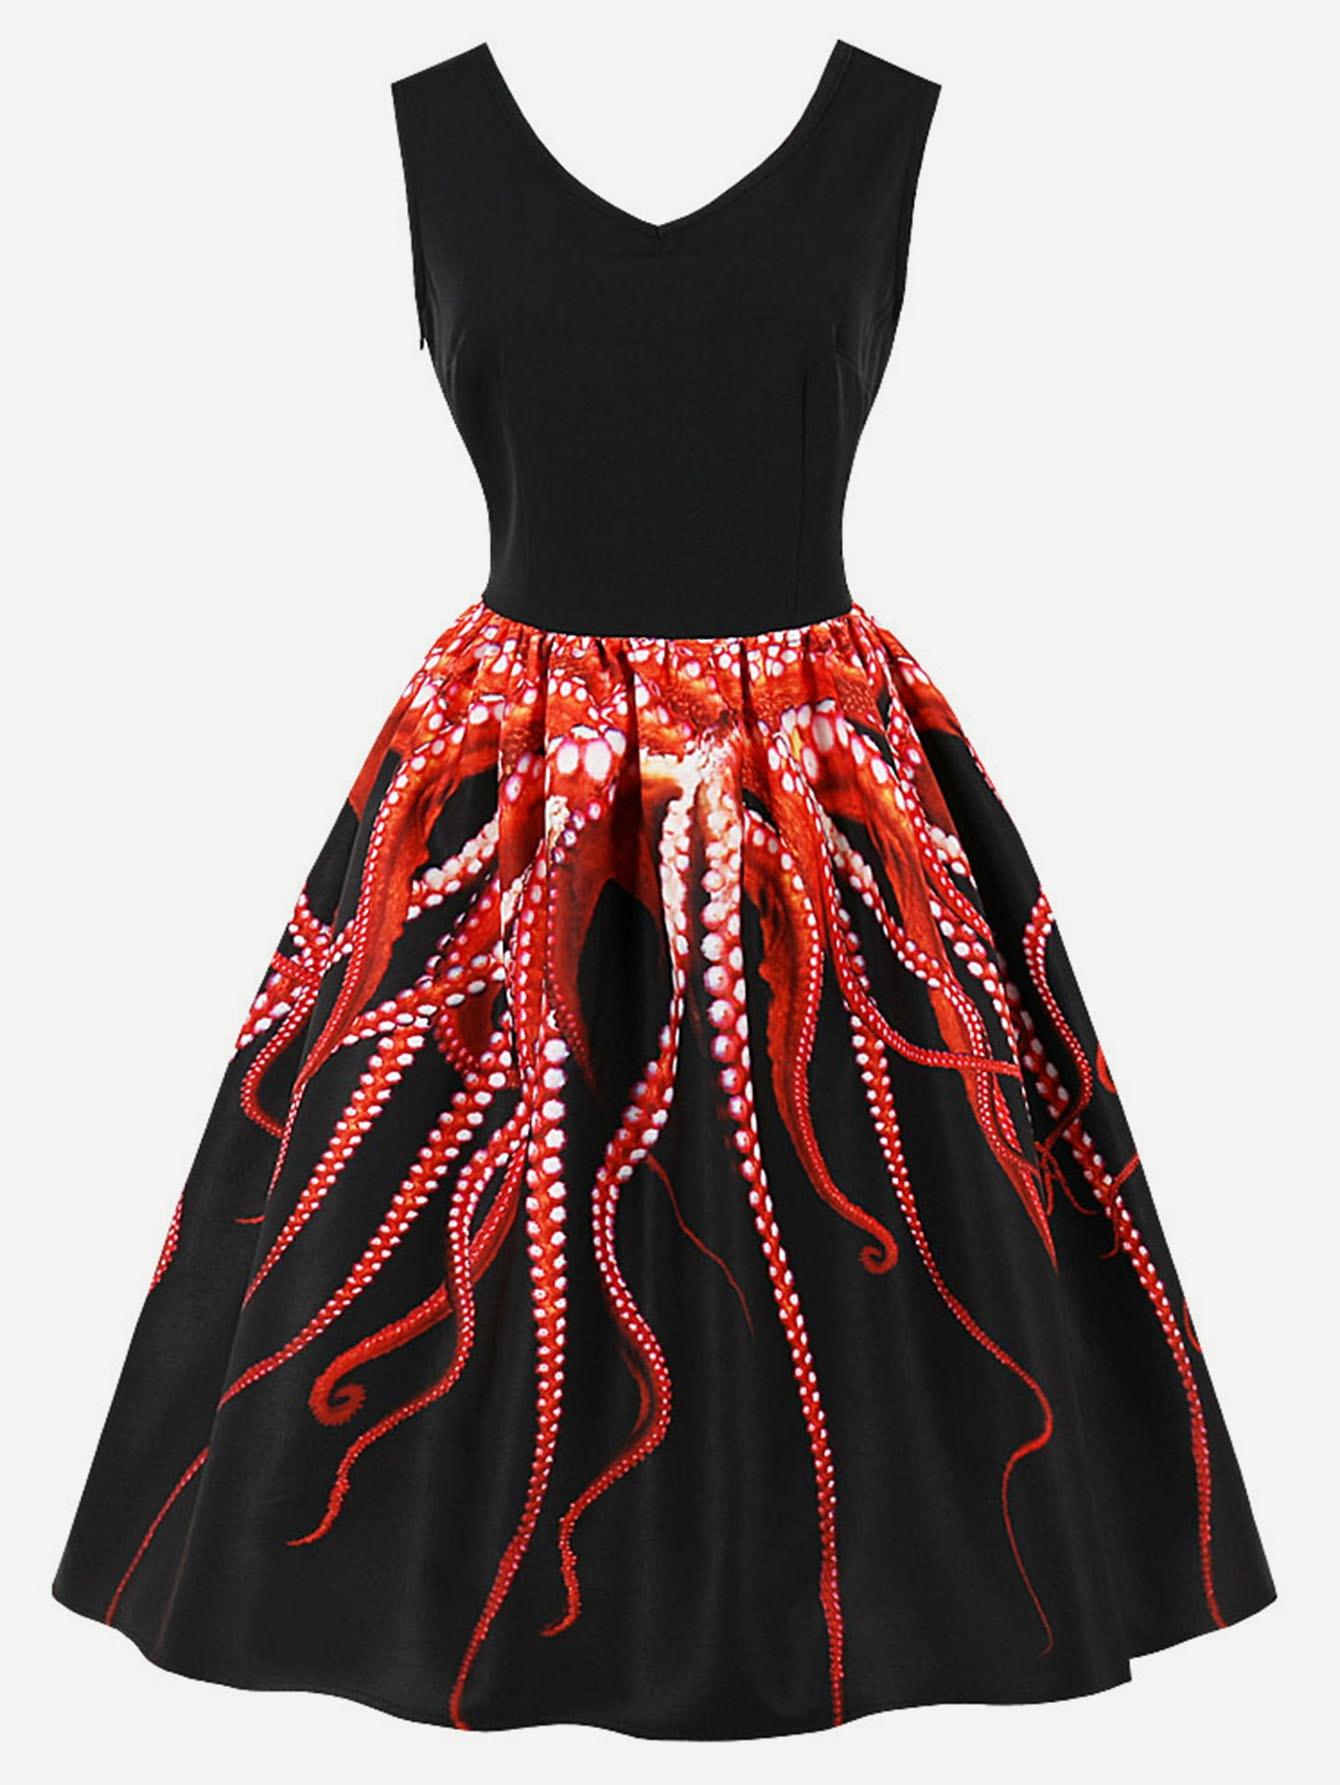 Купить Платье с v-образным воротником и принтом осьминог, null, SheIn